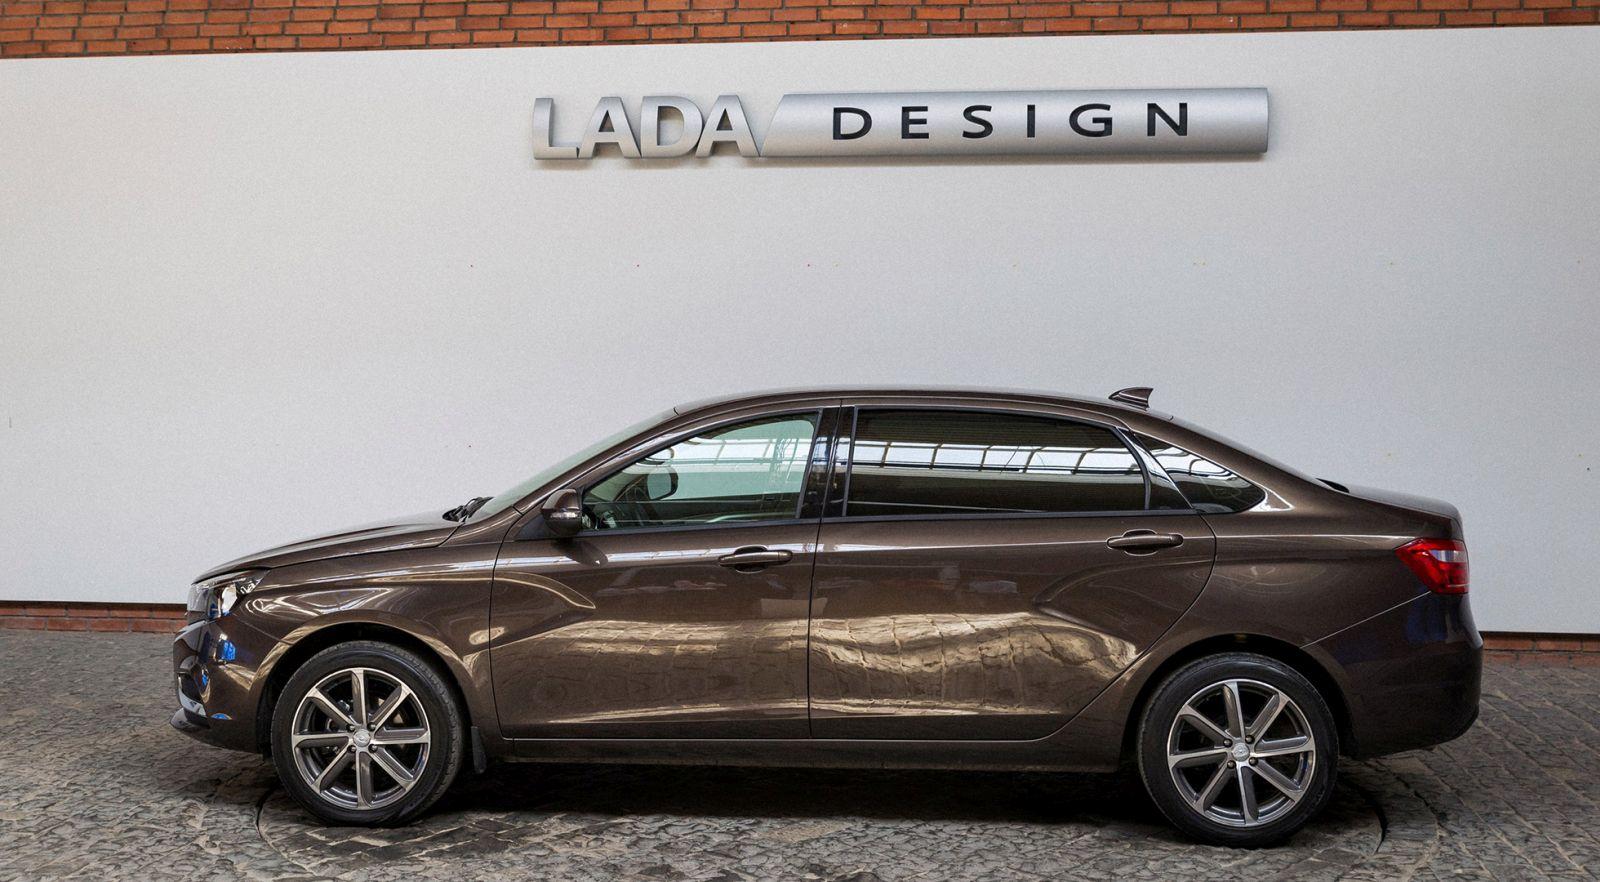 So với Vesta tiêu chuẩn, Lada Vesta Signature sở hữu chiều dài cơ sở nhỉnh hơn 250 mm. Hiện Lada Vesta thông thường có chiều dài cơ sở 2.885 mm. Ngoài ra, chiều dài tổng thể của Lada Vesta Signature cũng được tăng từ 4.410 mm lên 4.660 mm.